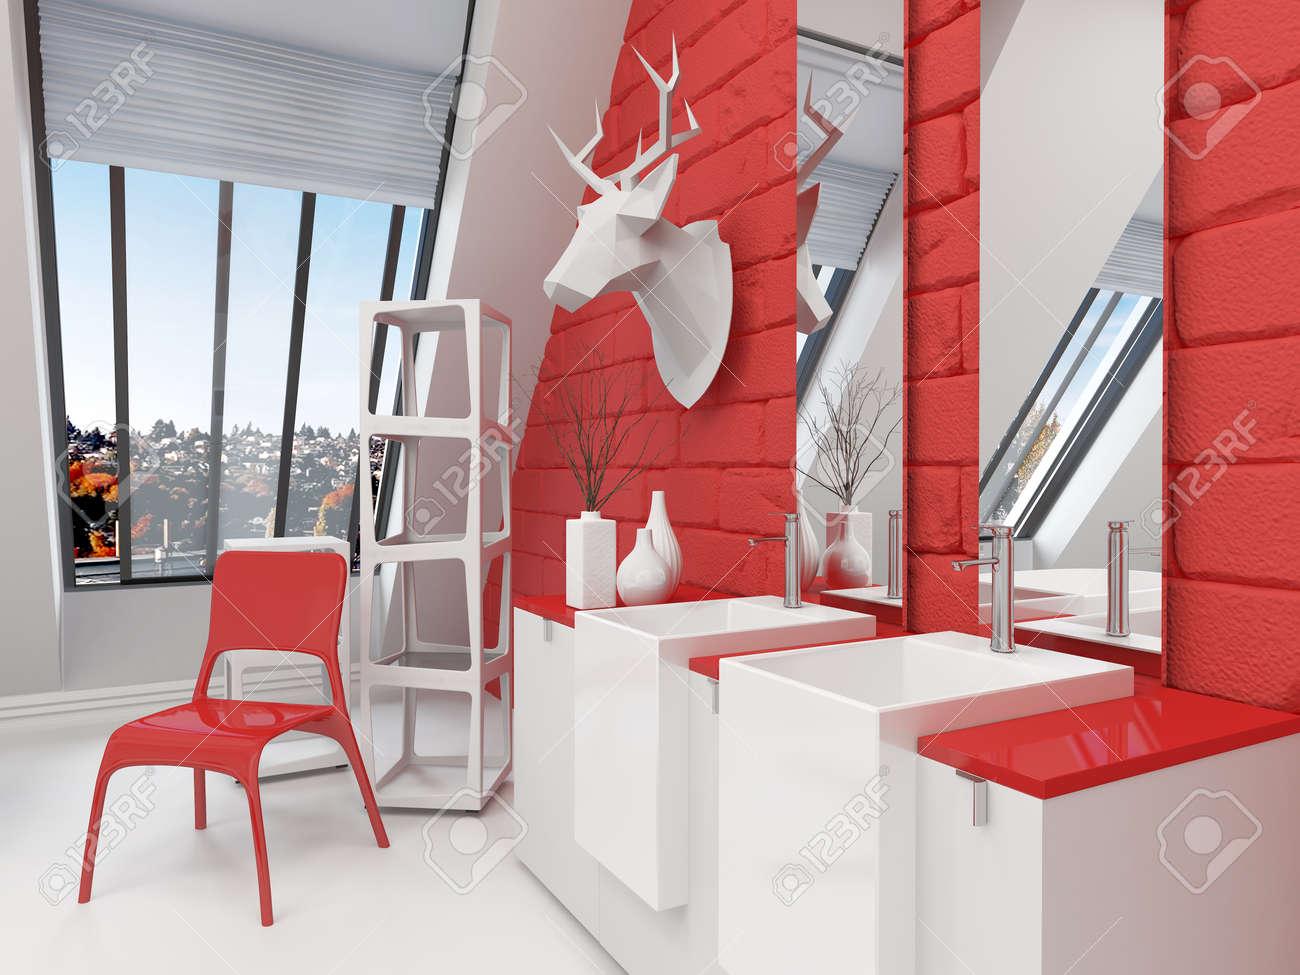 Salle De Bain Rouge Et Blanc heurter l'intérieur rouge et blanc salle de bains dans une chambre en pente  avec une tête de cerf monté sur le mur, peau d'animal sur le sol et meuble